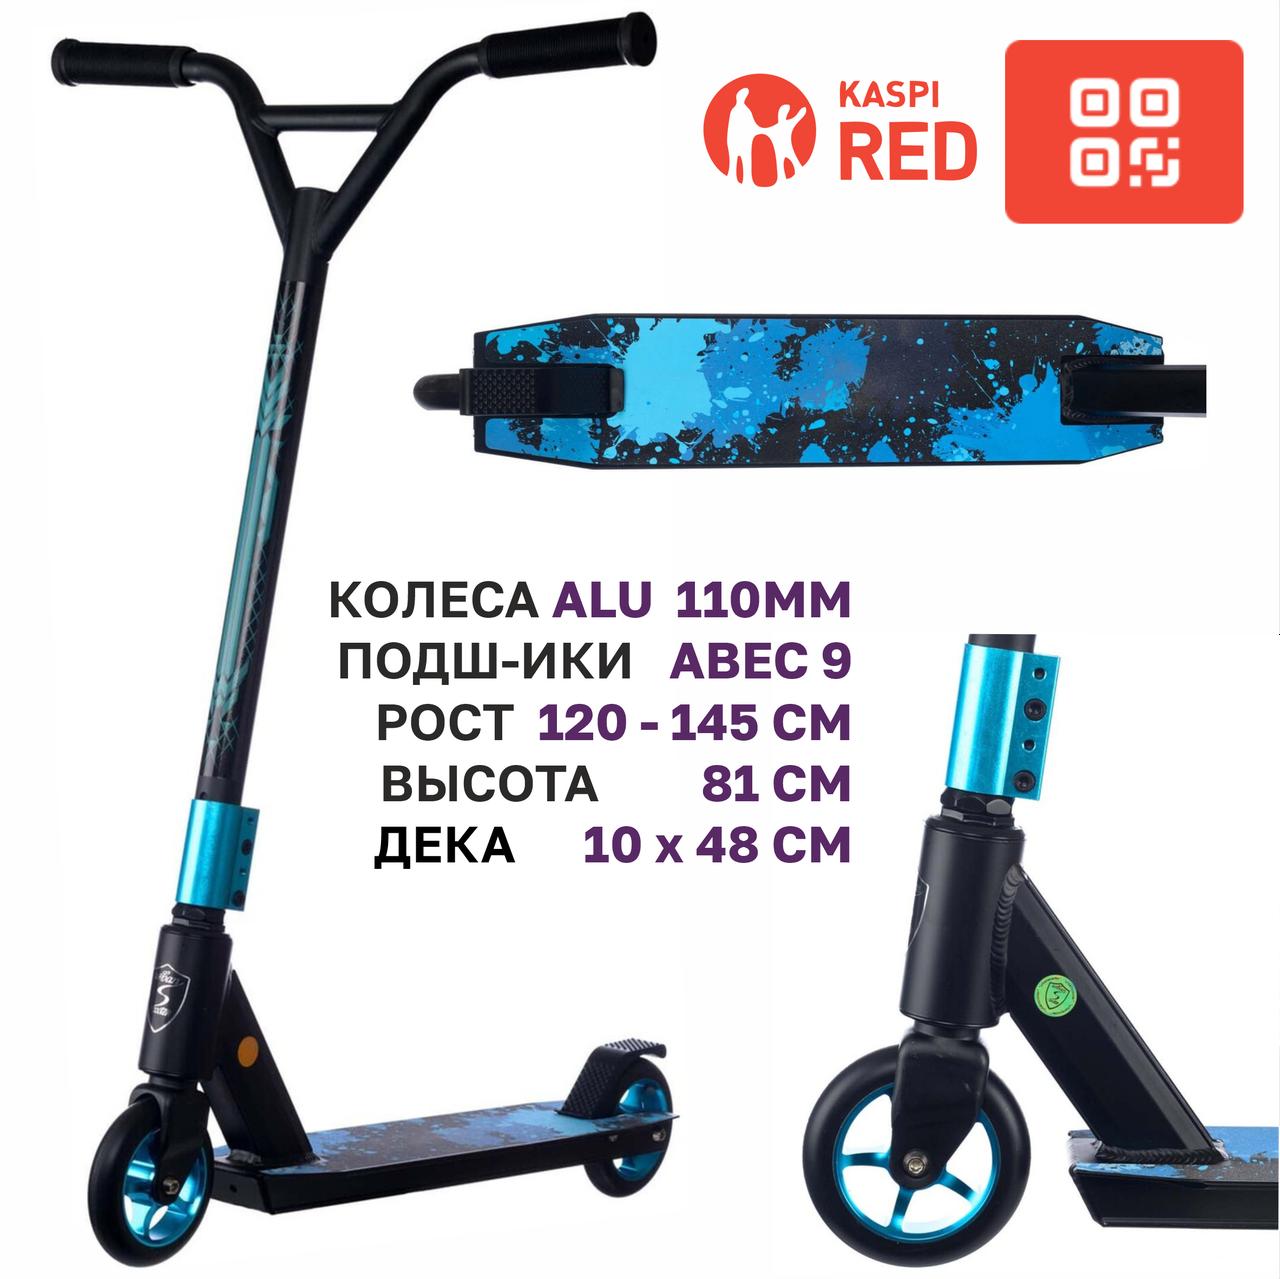 🛴 Трюковой самокат Kick Scooter с усиленным хомутом 81 см, колесо 110мм - Синий для трюков